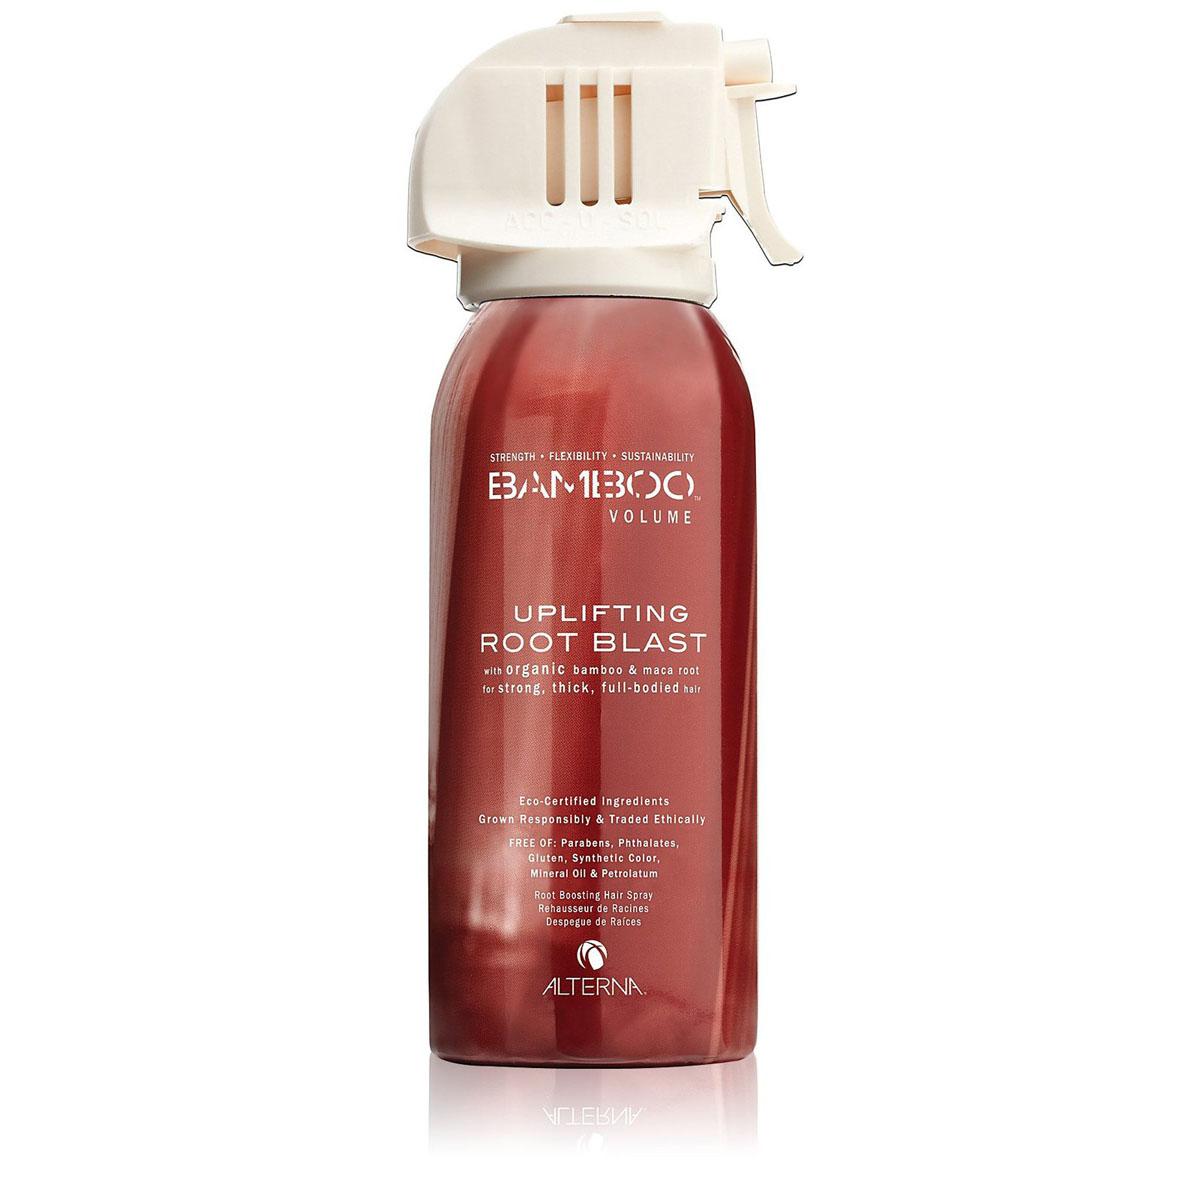 Alterna Невесомый спрей для экстремального объема Bamboo Volume Uplifting Root Blast - 177 мл45410Входящий в состав спрея экстракт бамбука моментально придает волосам силу; экстракт из клубней перуанской Маки — экологически чистый натуральный источник чистых белков, минералов, антиоксидантов и аминокислот — утолщает волосы, обеспечивает невероятную плотность и эластичность, эффективное насыщение питательными веществами и реминерализация создают невесомый динамичный объем. Инновационный суперсухой спрей Alterna Bamboo Volume Uplifting Root Blast для создания и фиксации прикорневого объема не склеивает, не утяжеляет волосы, гарантирует длительный и максимальный прикорневой объем. Результат: Средство используется на сухих волосах и насыщает их невероятным объёмом, придает им полноту и поднимает прямо у корней, придавая объём там, где это так необходимо. Обладает свежим и запоминающимся ароматом - нотки тропического дождя смешиваются с запахом юной листвы бамбука, группу дополняет волнующий ореол белого мускуса.